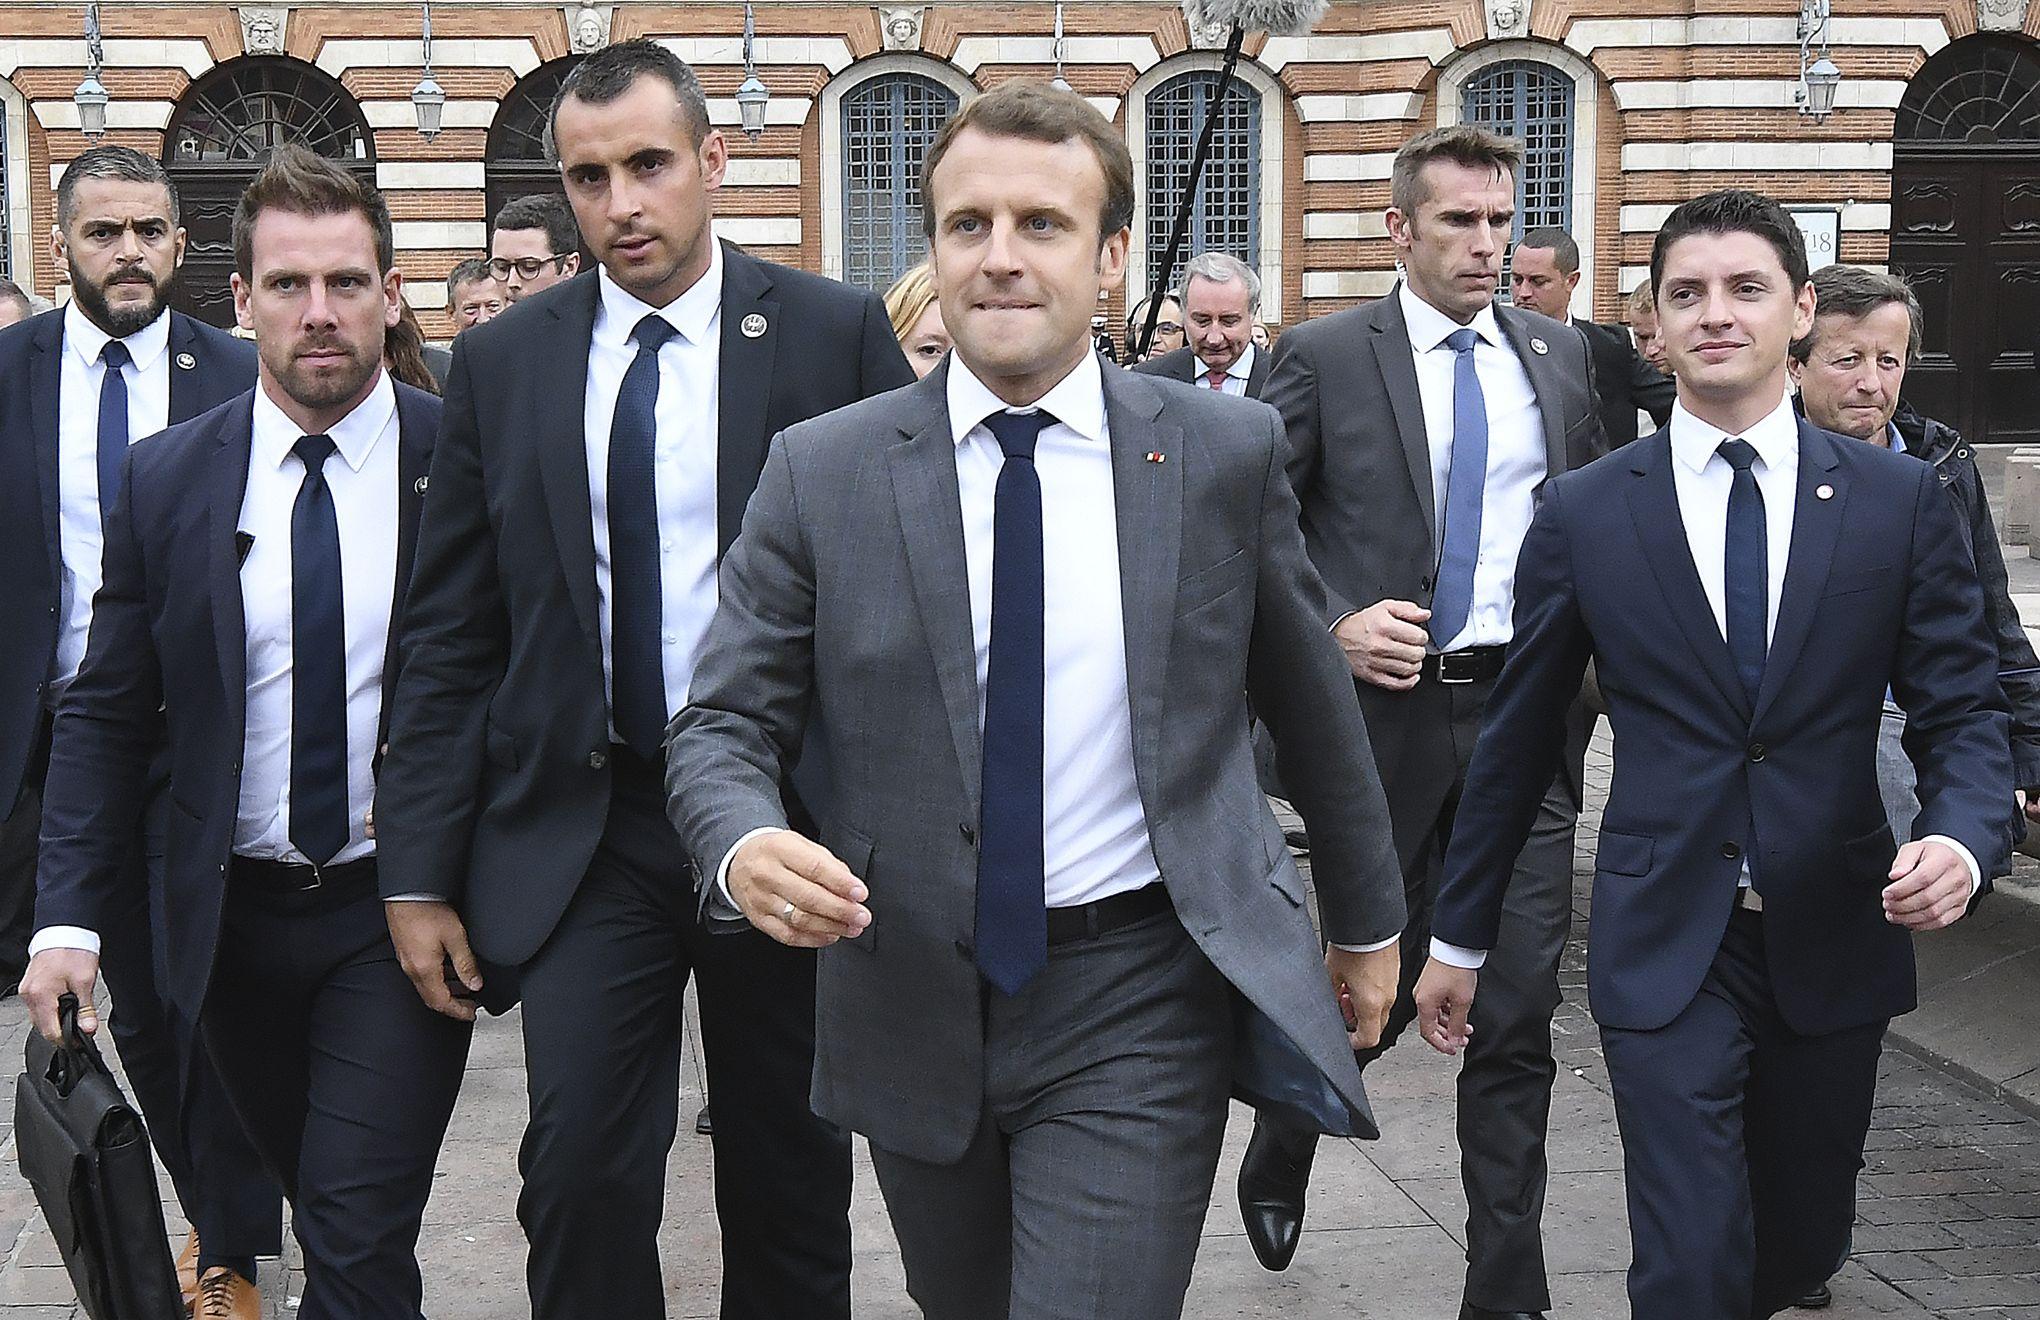 Garde Du Corps Marseille autour du président macron, une sécurité renforcée pour